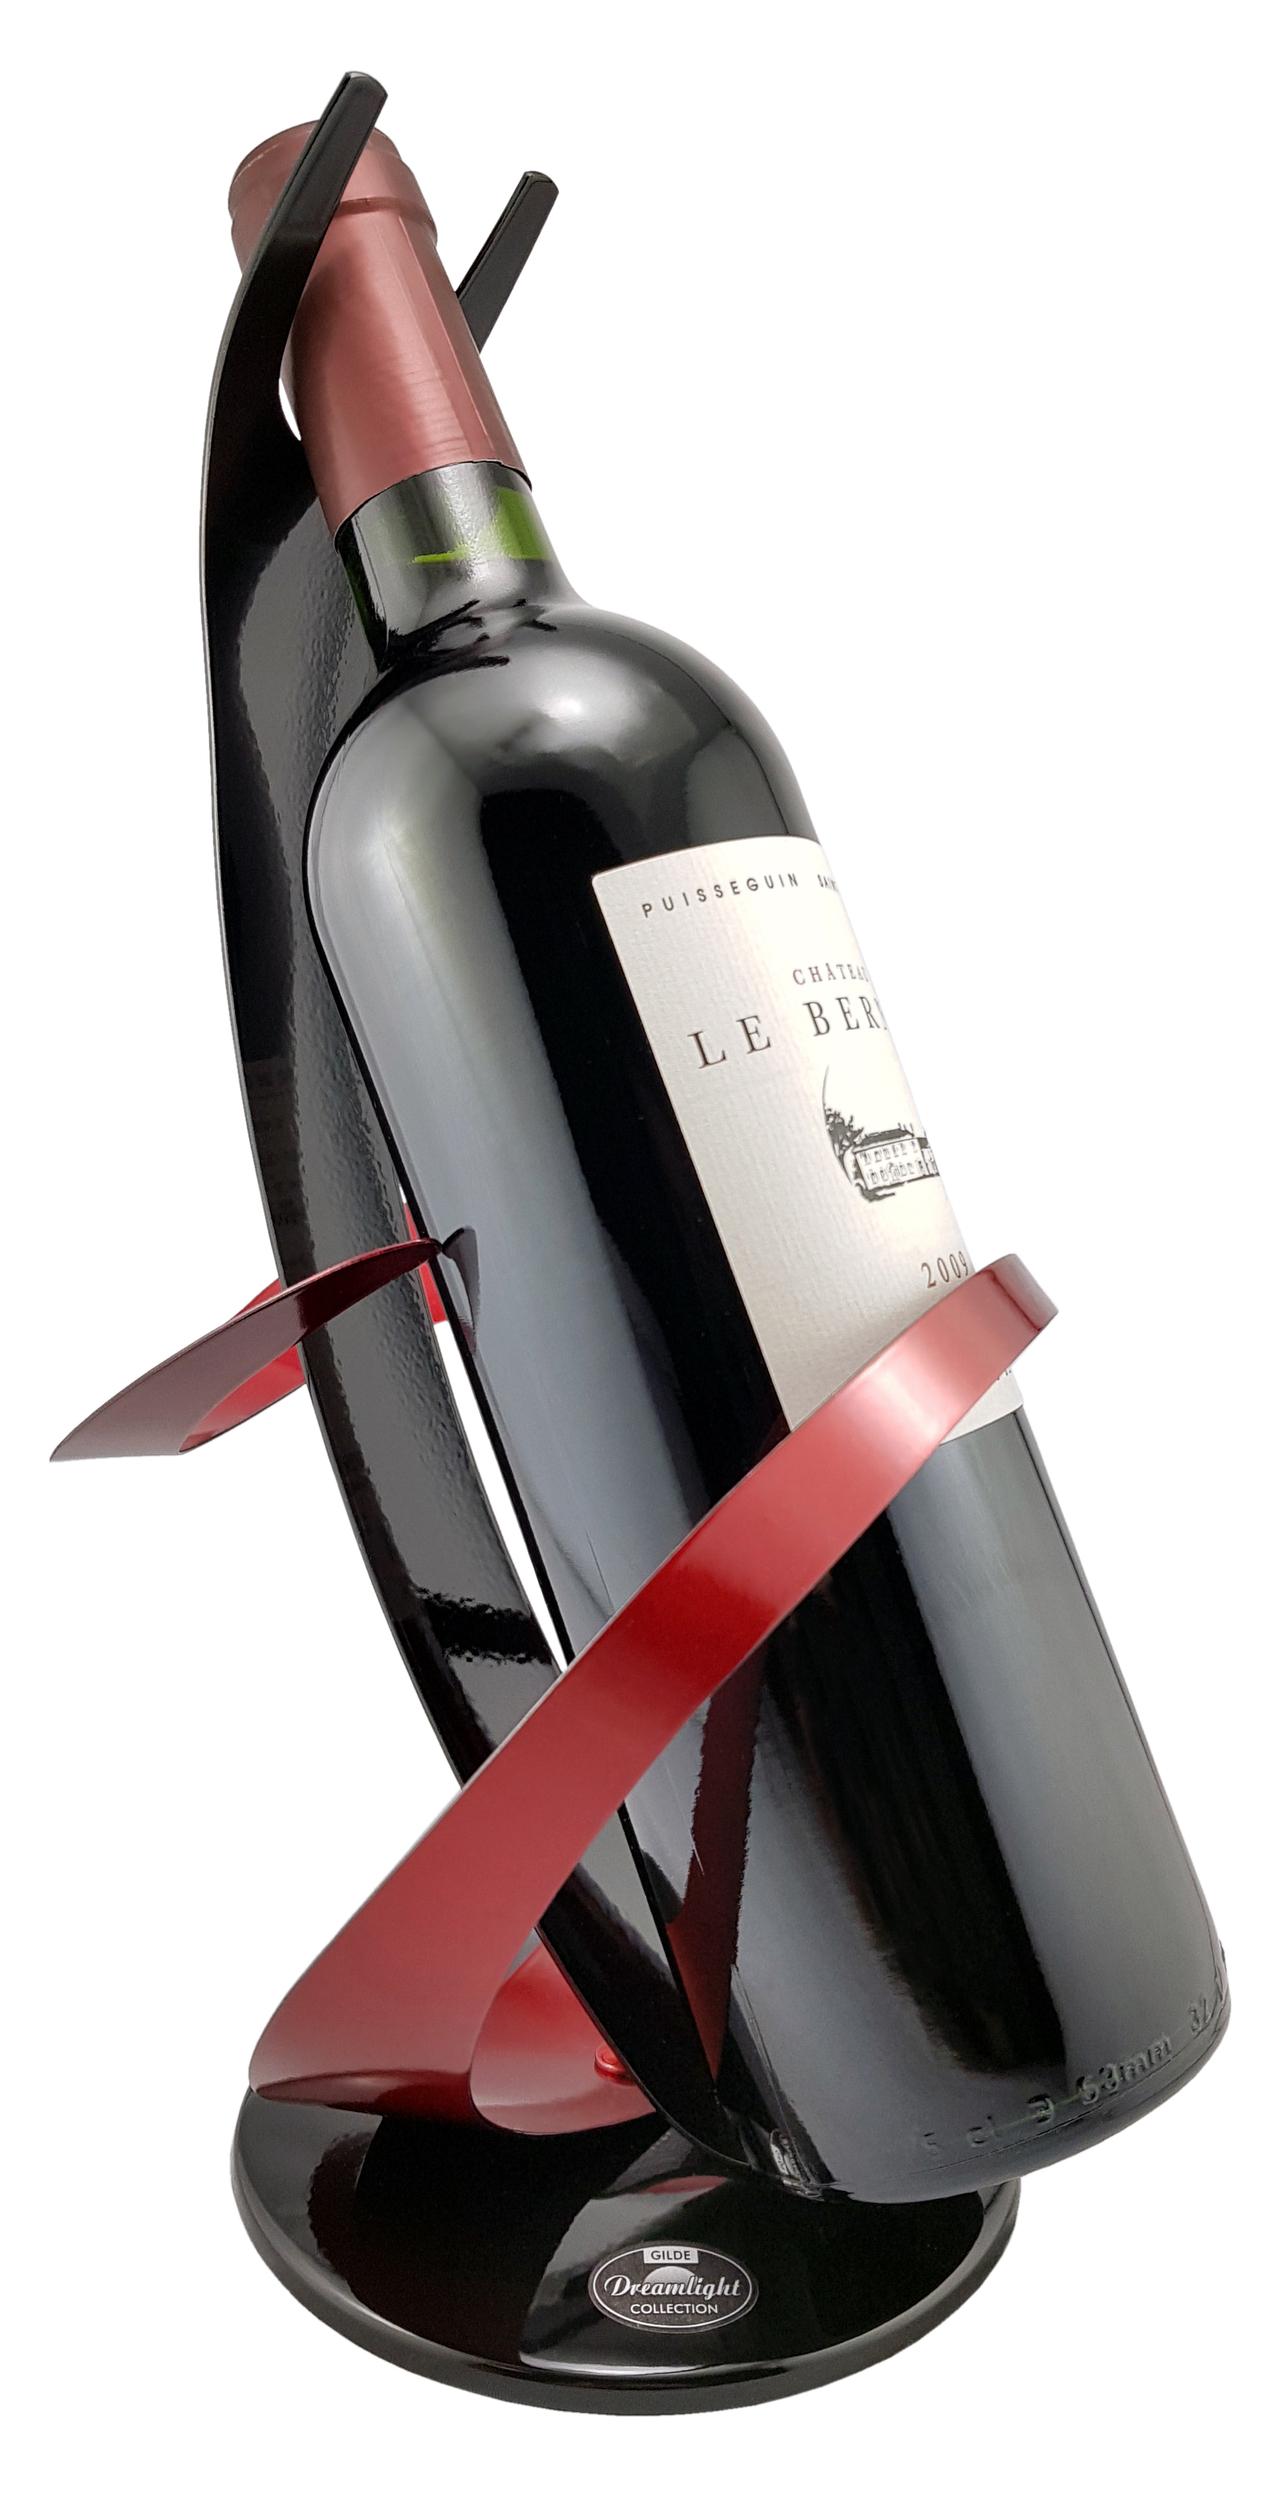 Porte-bouteille design en métal laqué. Réf. 302